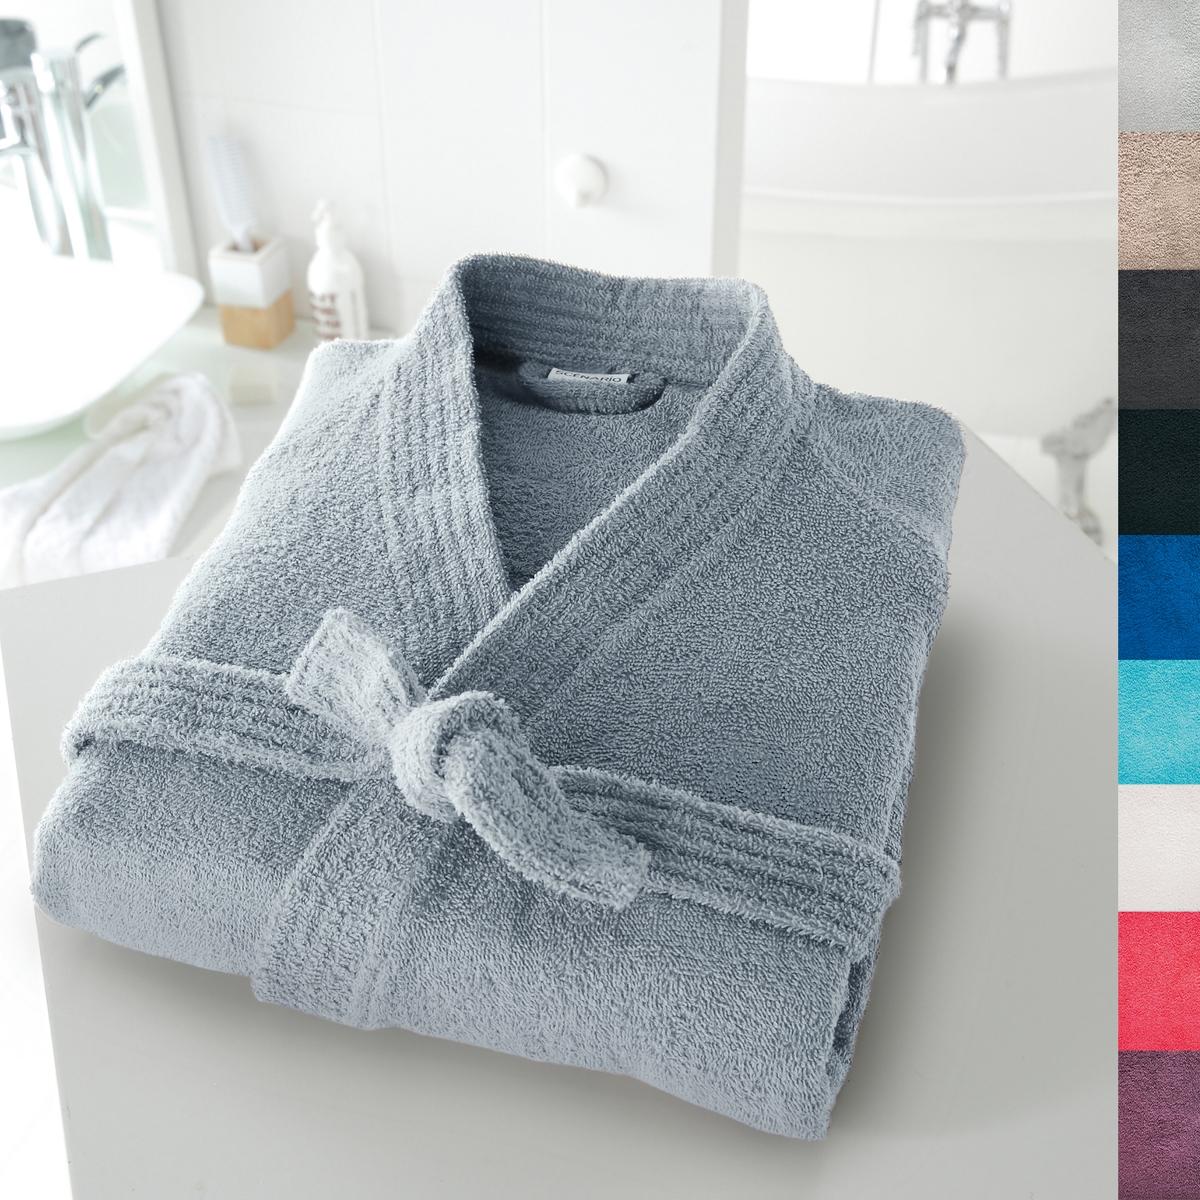 Халат-кимоно 350 г/м?Халат-кимоно с длинными рукавами 350 г/м?, 100% хлопка : нежный, мягкий и отлично впитывающий.яркая цветовая гамма: 18 цветов на выбор.Описание халата:Этот халат имеет знак качества Valeur S?re, протестирован и проконтролирован в лаборатории.2 накладных кармана, пояс под шлевками. Легок в уходе: отлично сохраняет цвет при стирке при 60°. Машинная сушка.Длина халата: 110 - 113 см.<br><br>Цвет: белый,серо-бежевый,серо-синий,синий морской волны,темно-серый<br>Размер: 46/48 (FR) - 52/54 (RUS).50/52 (FR) - 56/58 (RUS).42/44 (FR) - 48/50 (RUS)